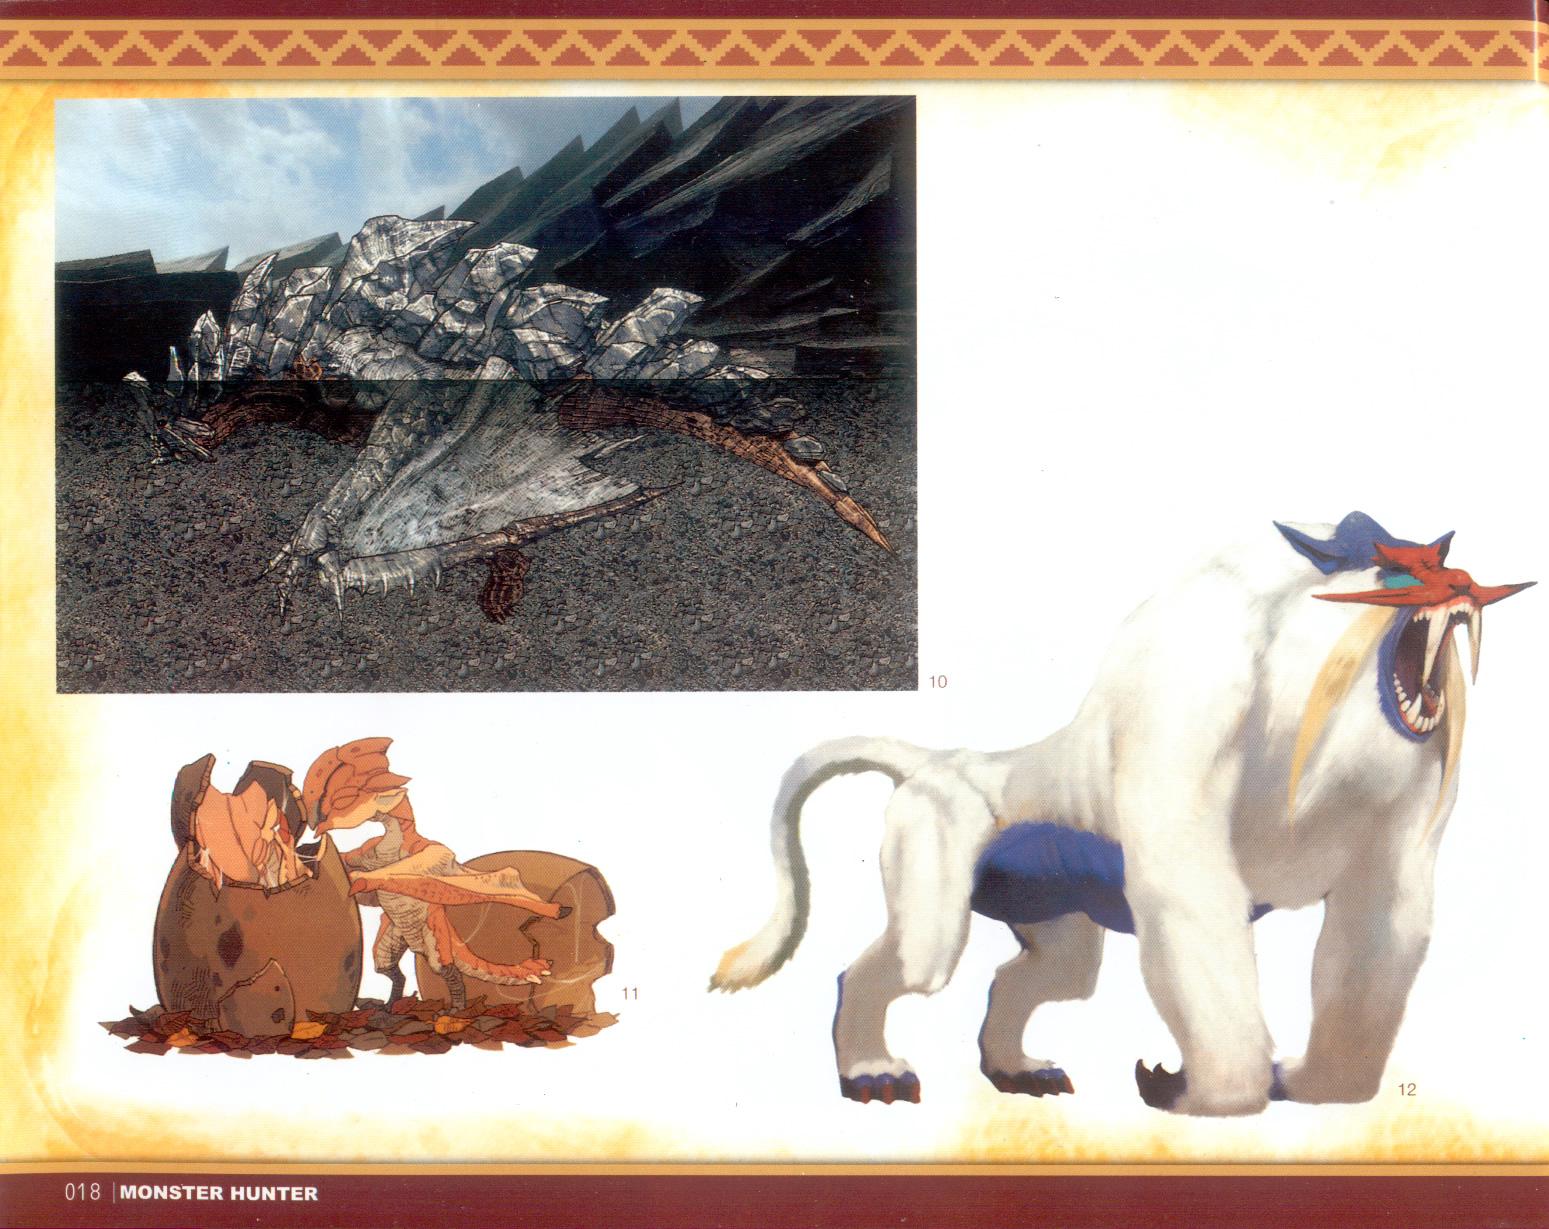 018_关注-游艺网GAME798海量资源下载怪物猎人终极画集.jpg